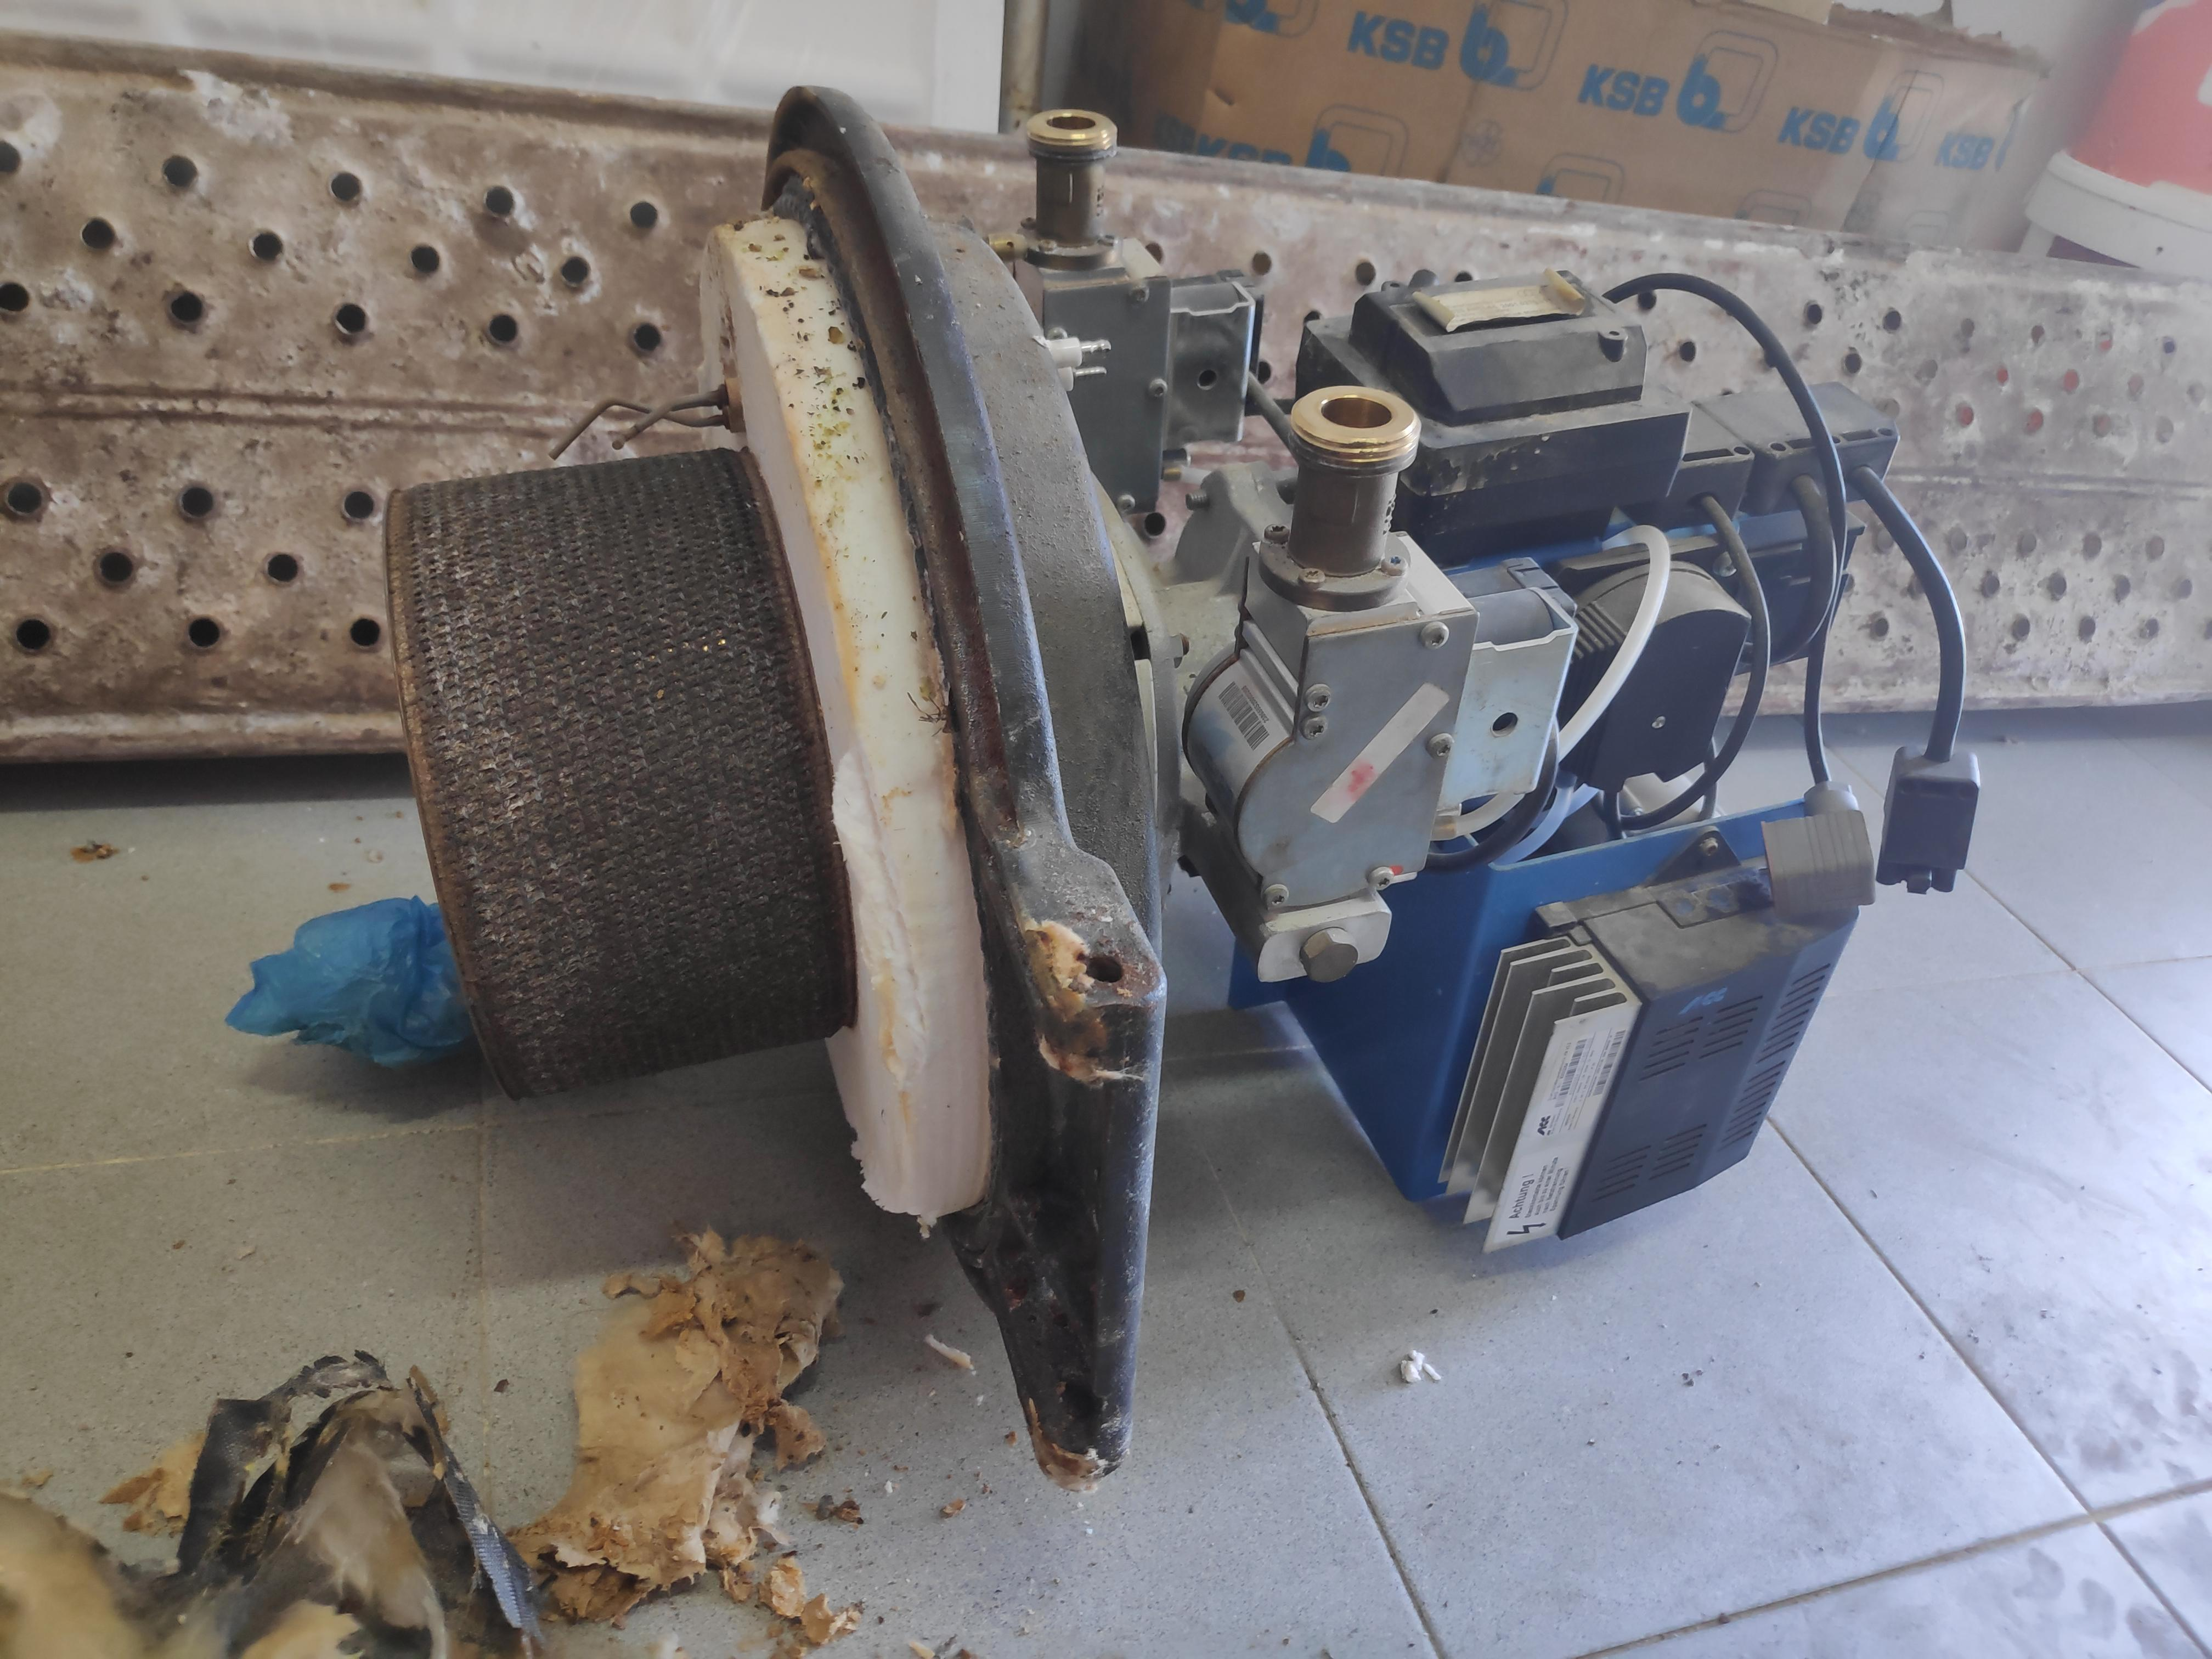 ¡Nuestro equipo especializado en reparación de calderas Buderus en Sevilla tiene la solución!